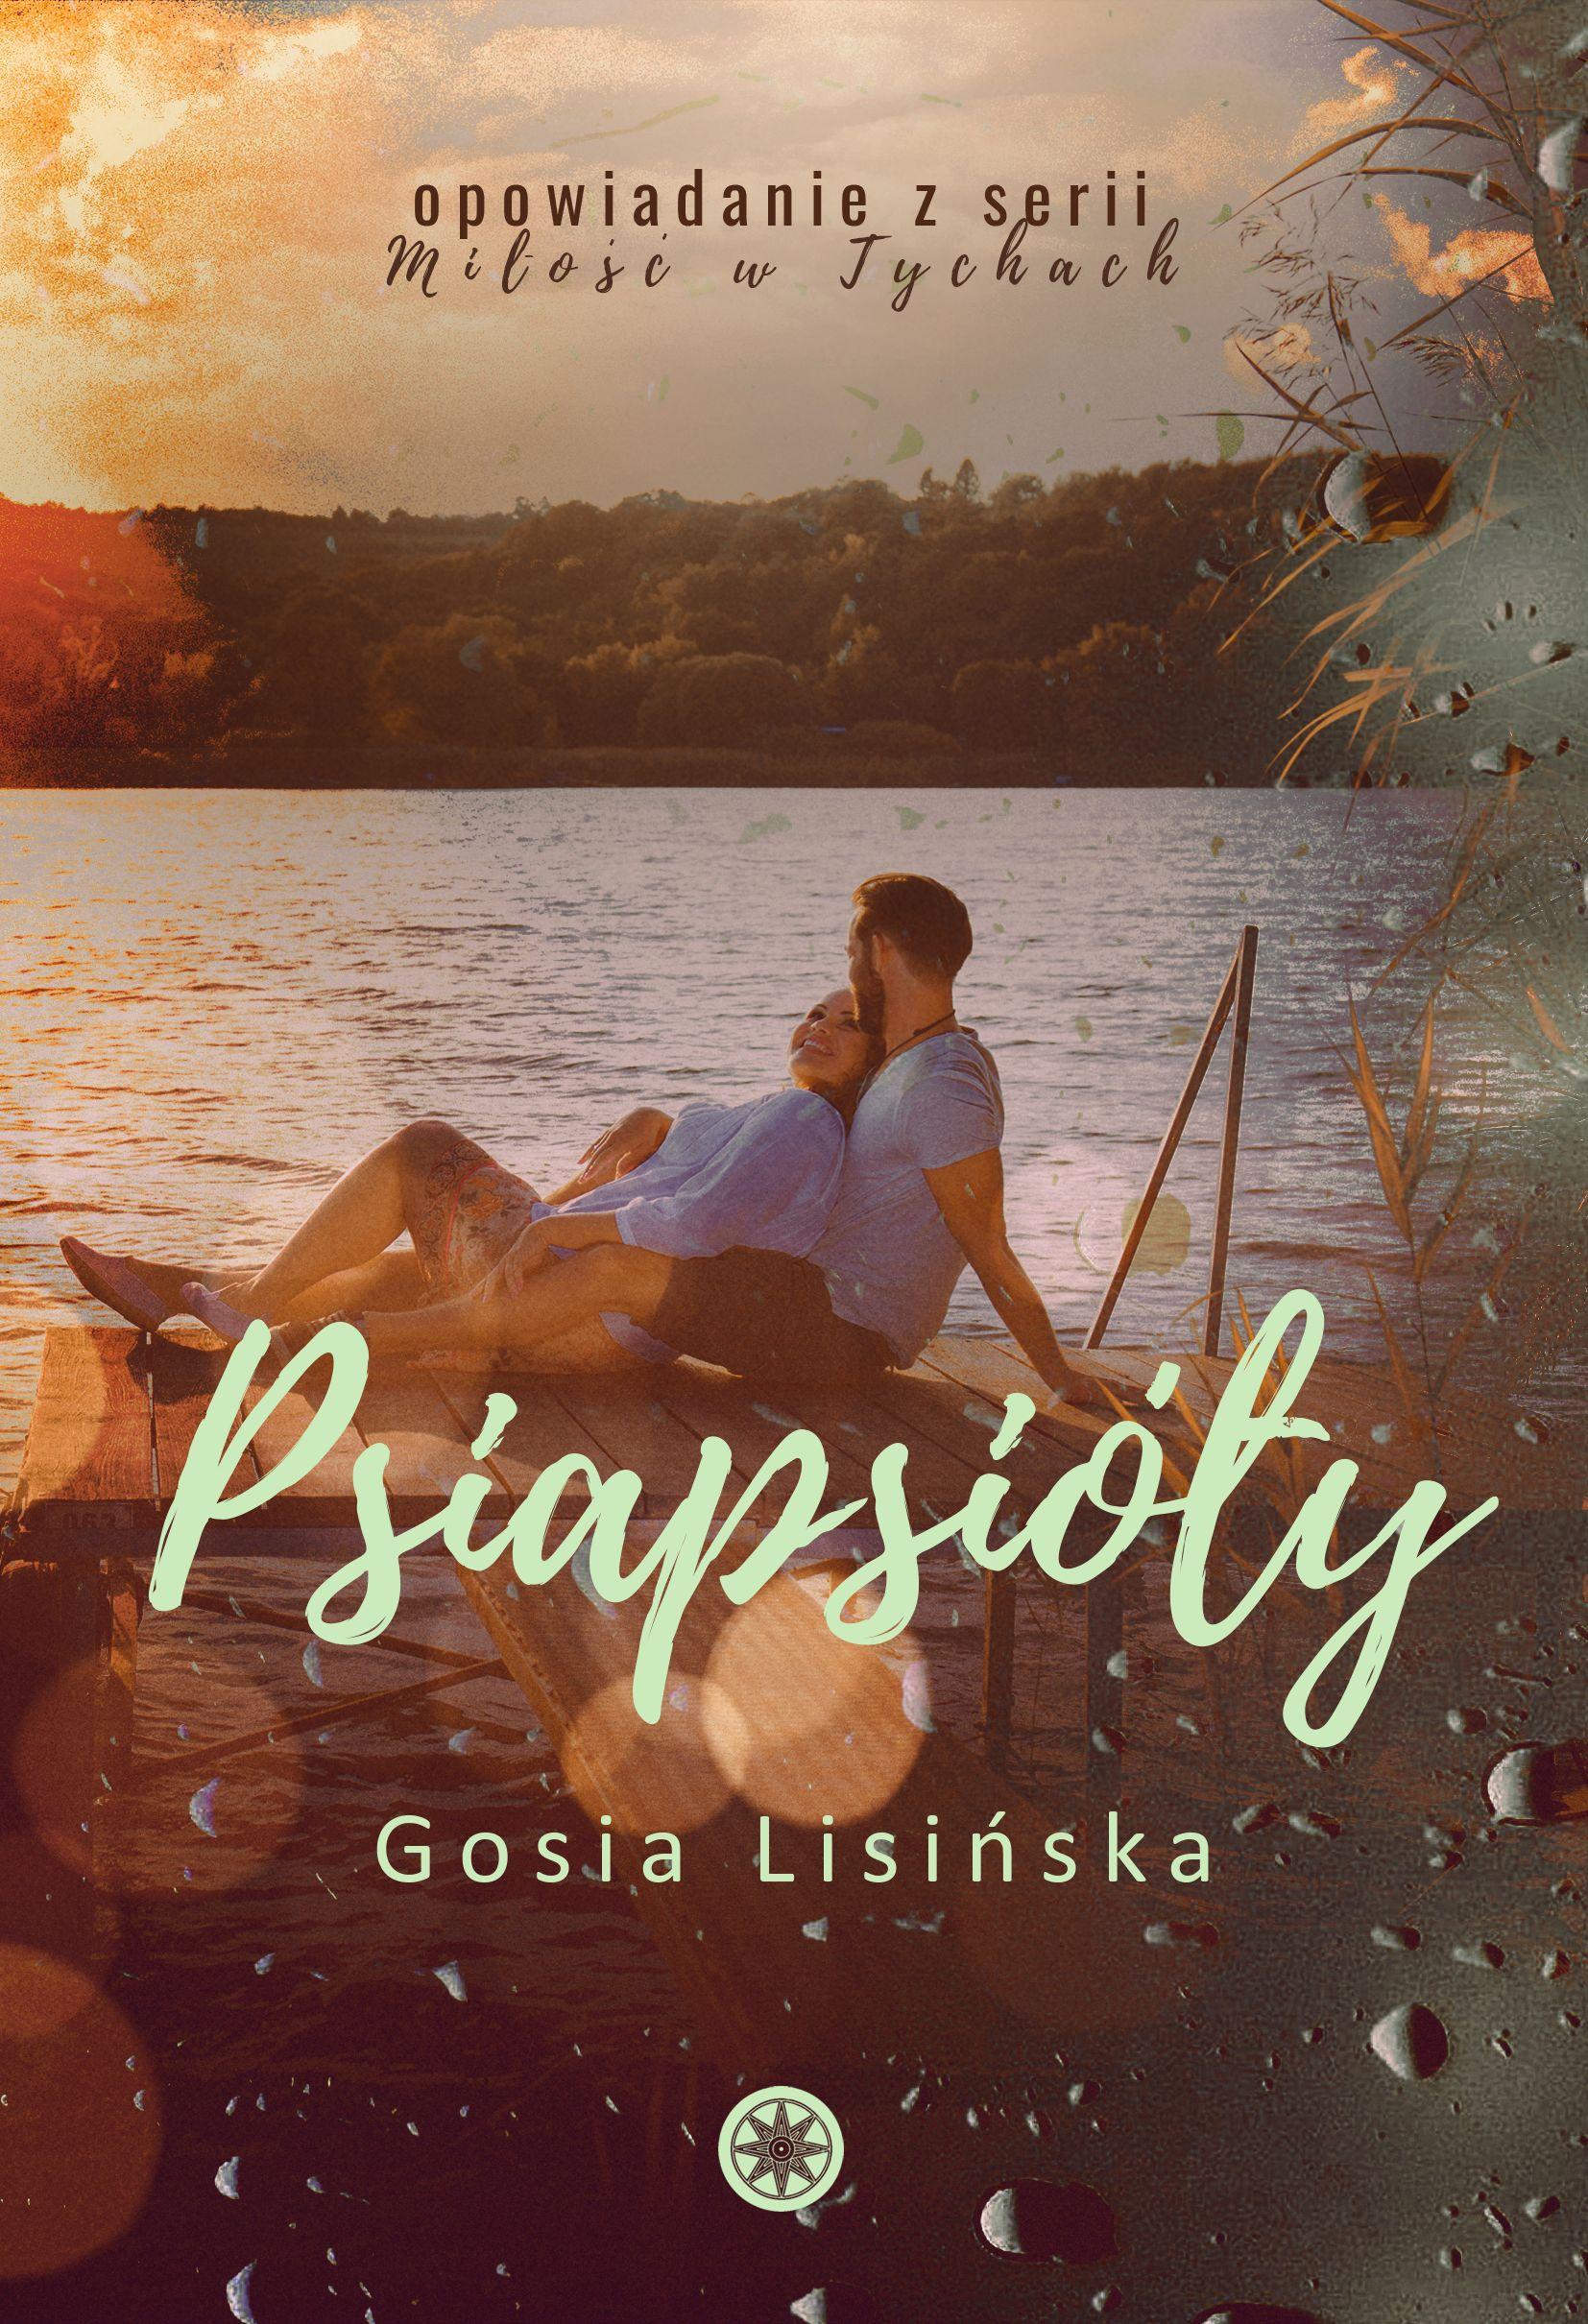 Psiapsióły - Gosia Lisińska